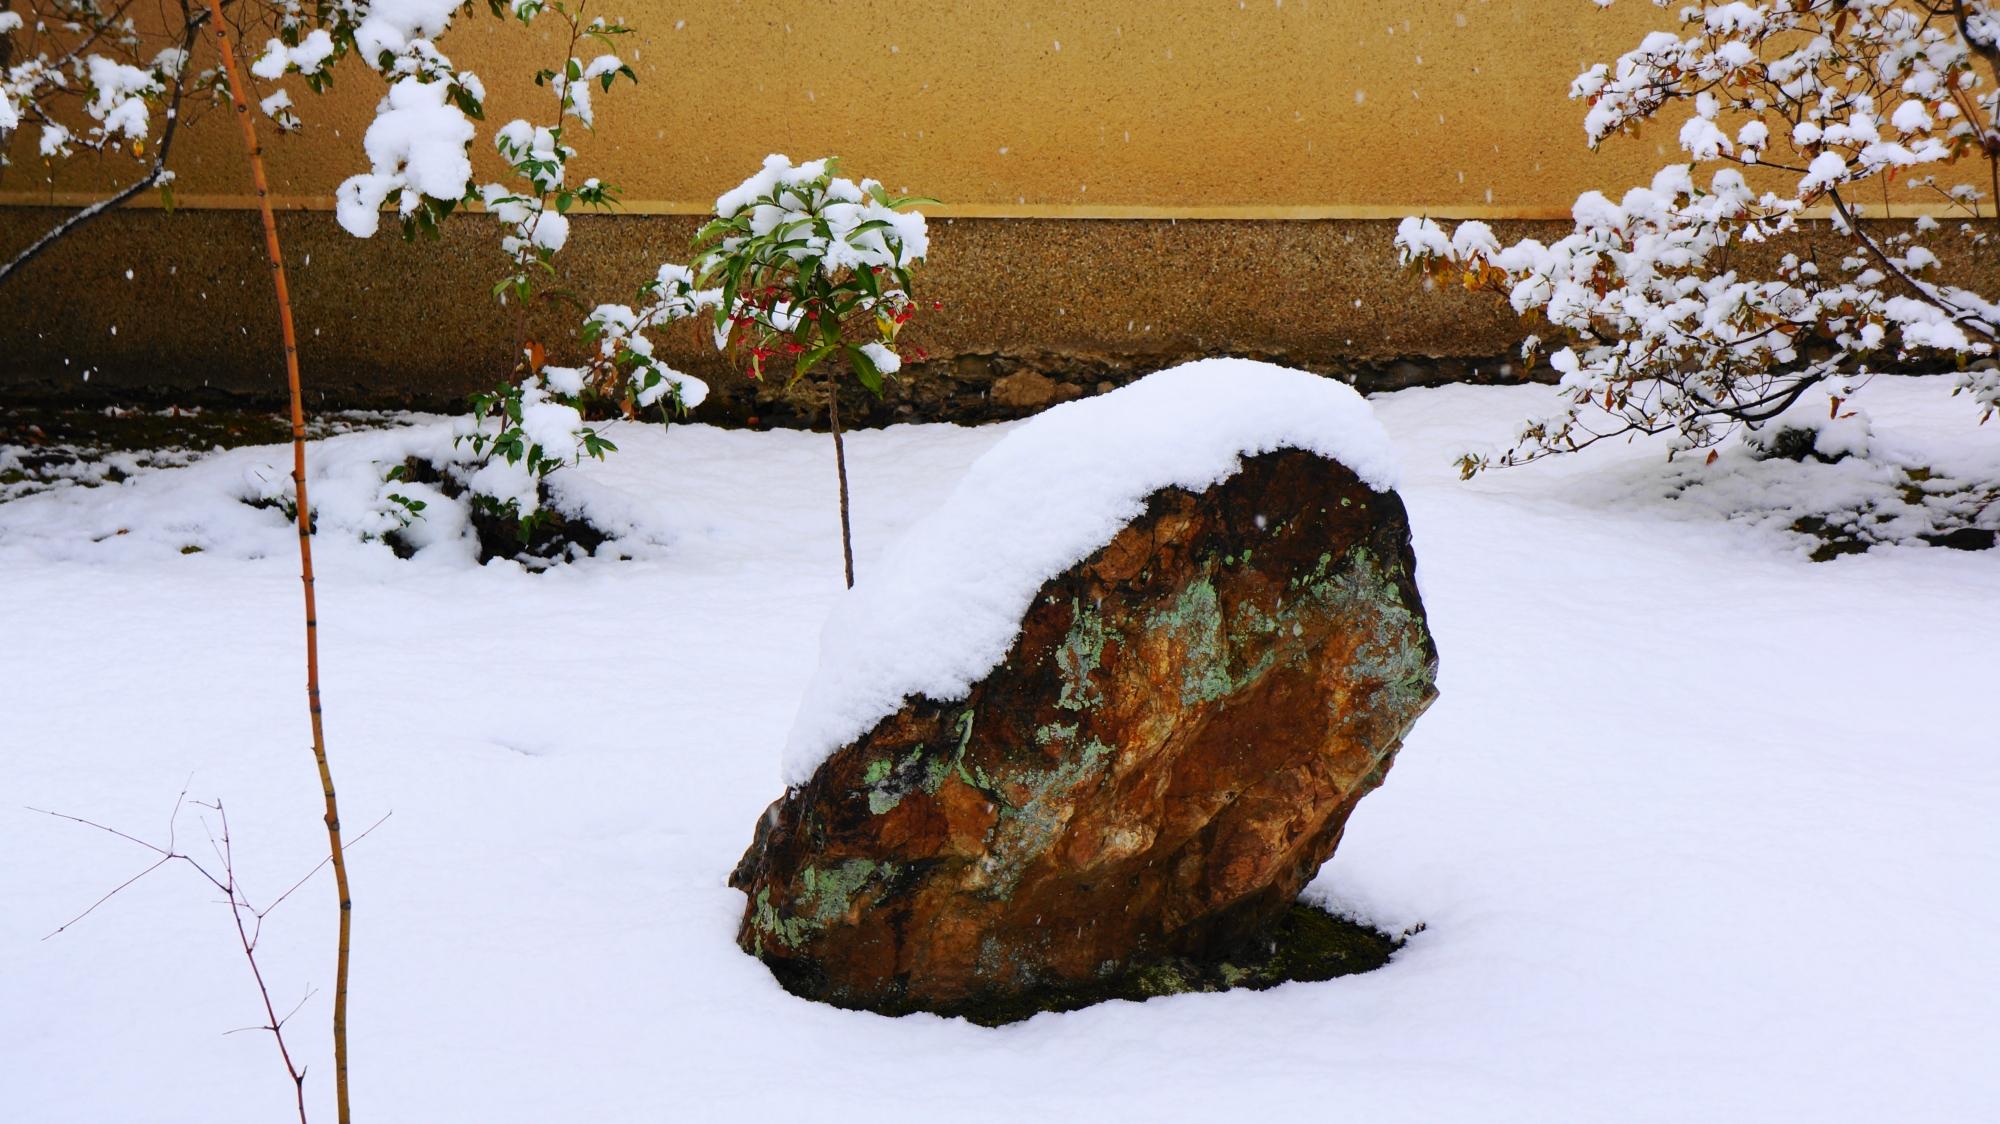 芳春院の様々な大きさや形や色の岩